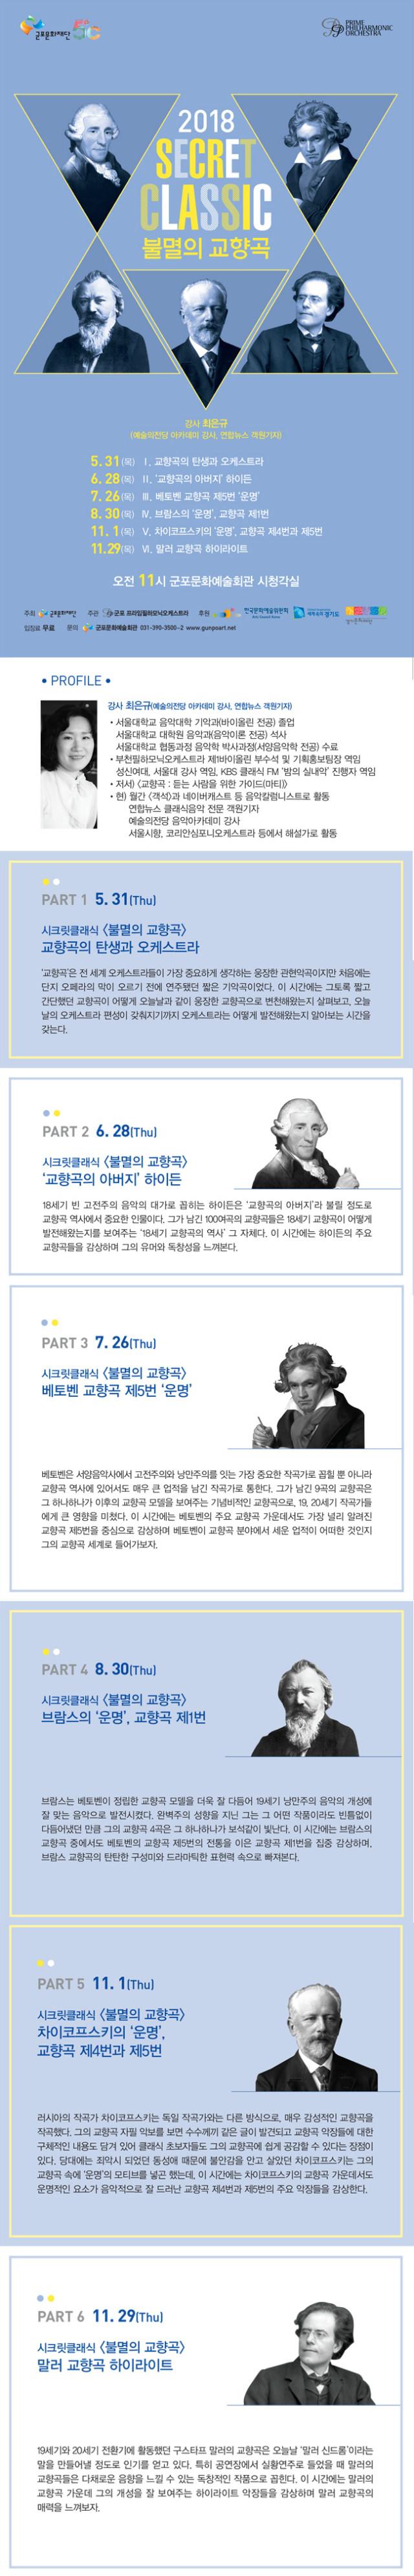 2018 시크릿클래식 상세페이지 .jpg